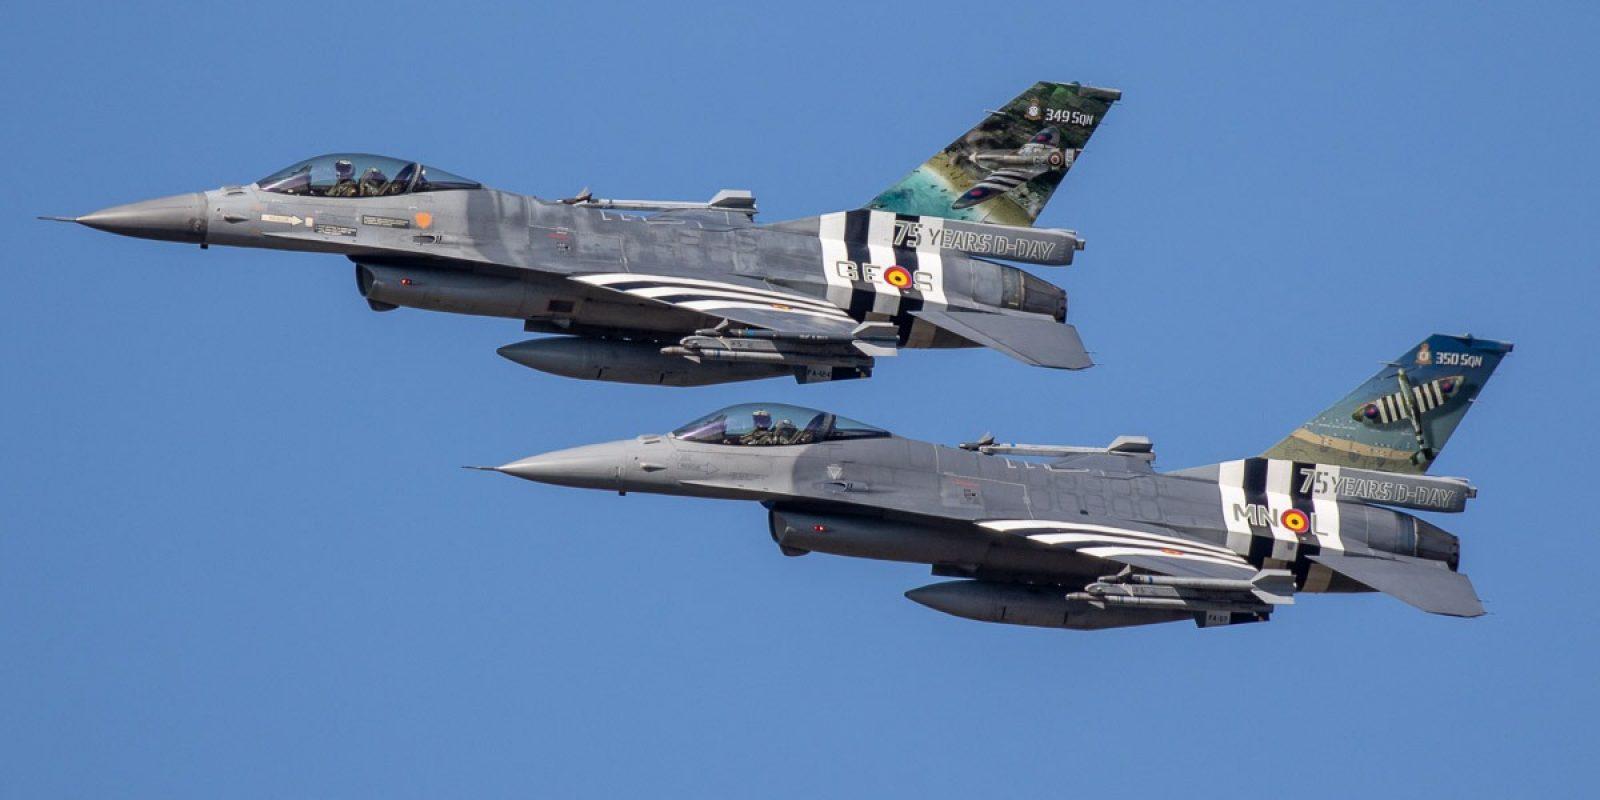 Les deux F-16AM commémoratifs des squadrons belges pour le 75ème anniversaire du débarquement en Normandie. En tête, le FA-124 représentant la 349 (code GE-S) et le FA-57 représentant la  350 (MN-L), les deux escadrilles belges ayant combattu au sein de la RAF. (Photo : Tom Brinckman)